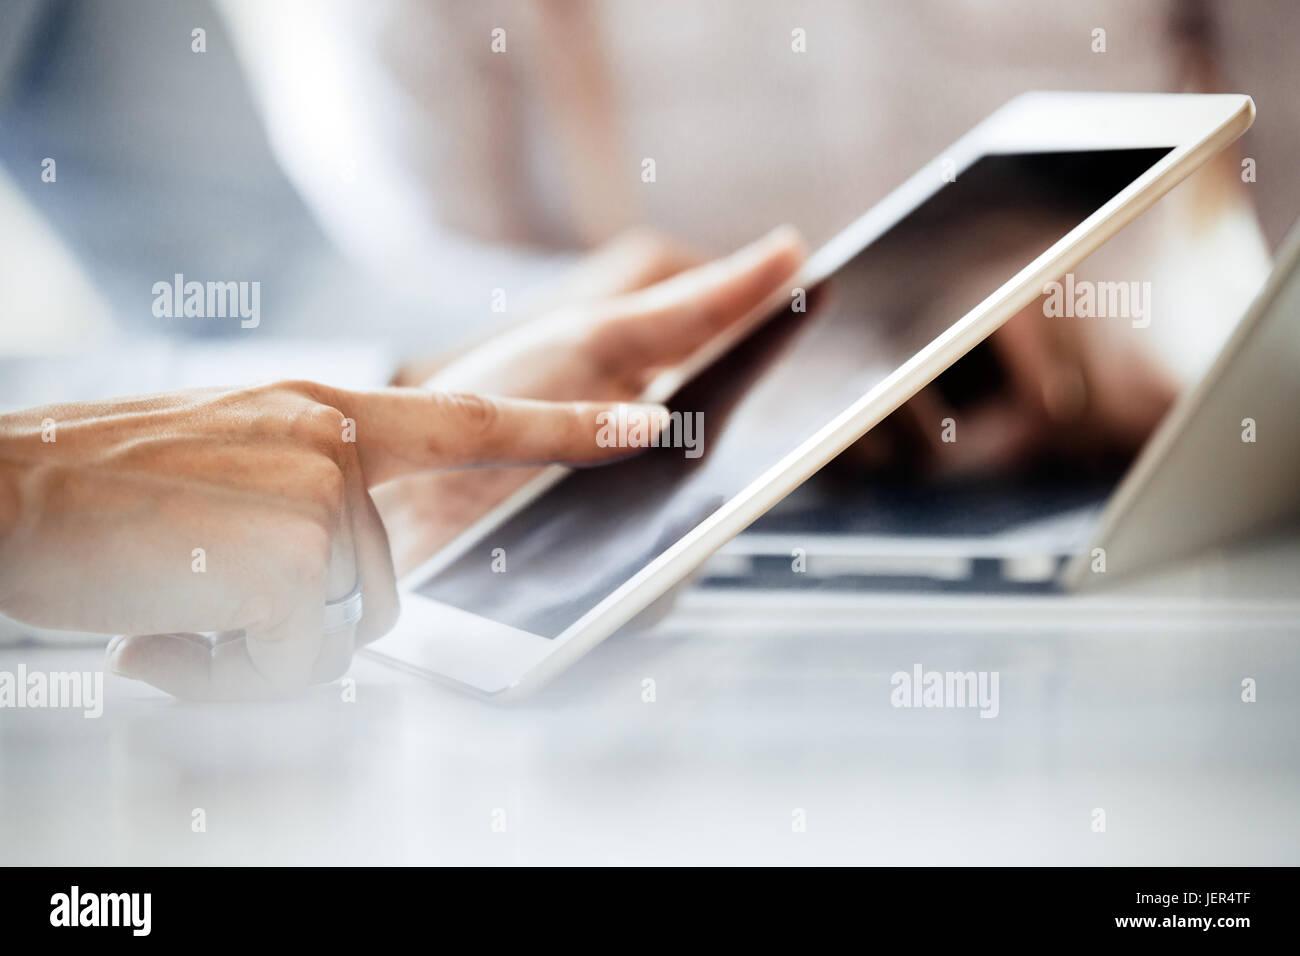 Cerrar imagen del empresario utilizando tablet en escritorio de oficina Imagen De Stock